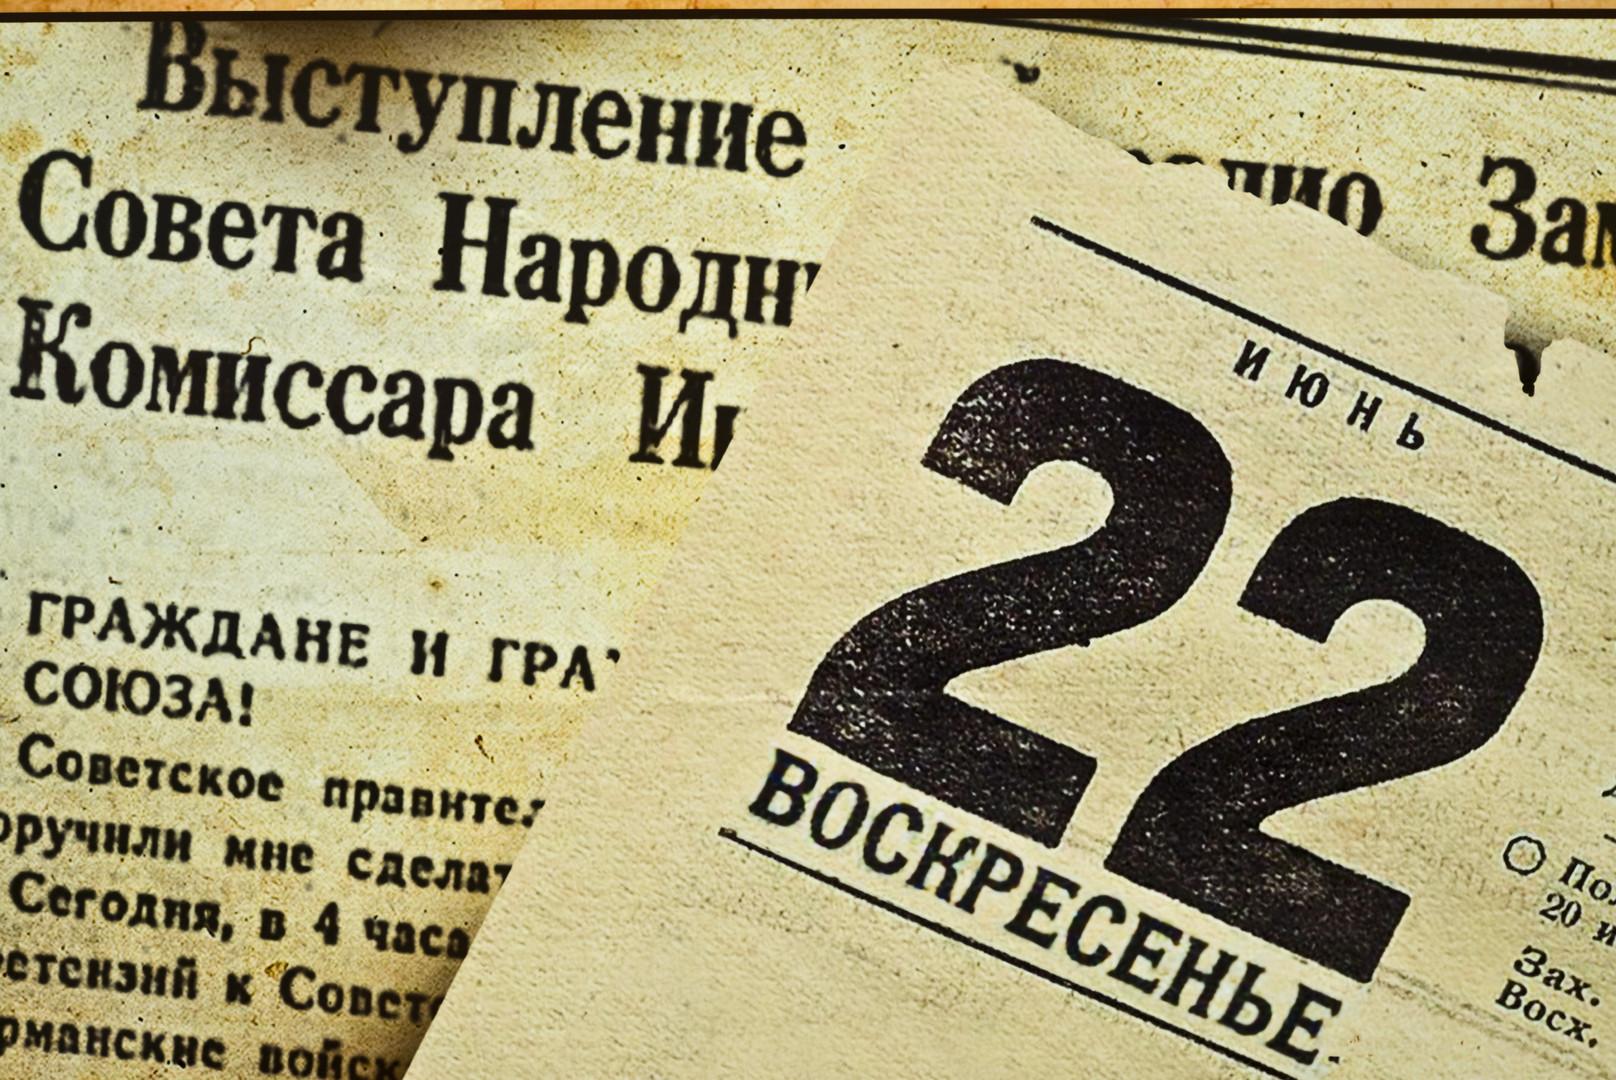 22_06_1941.jpg